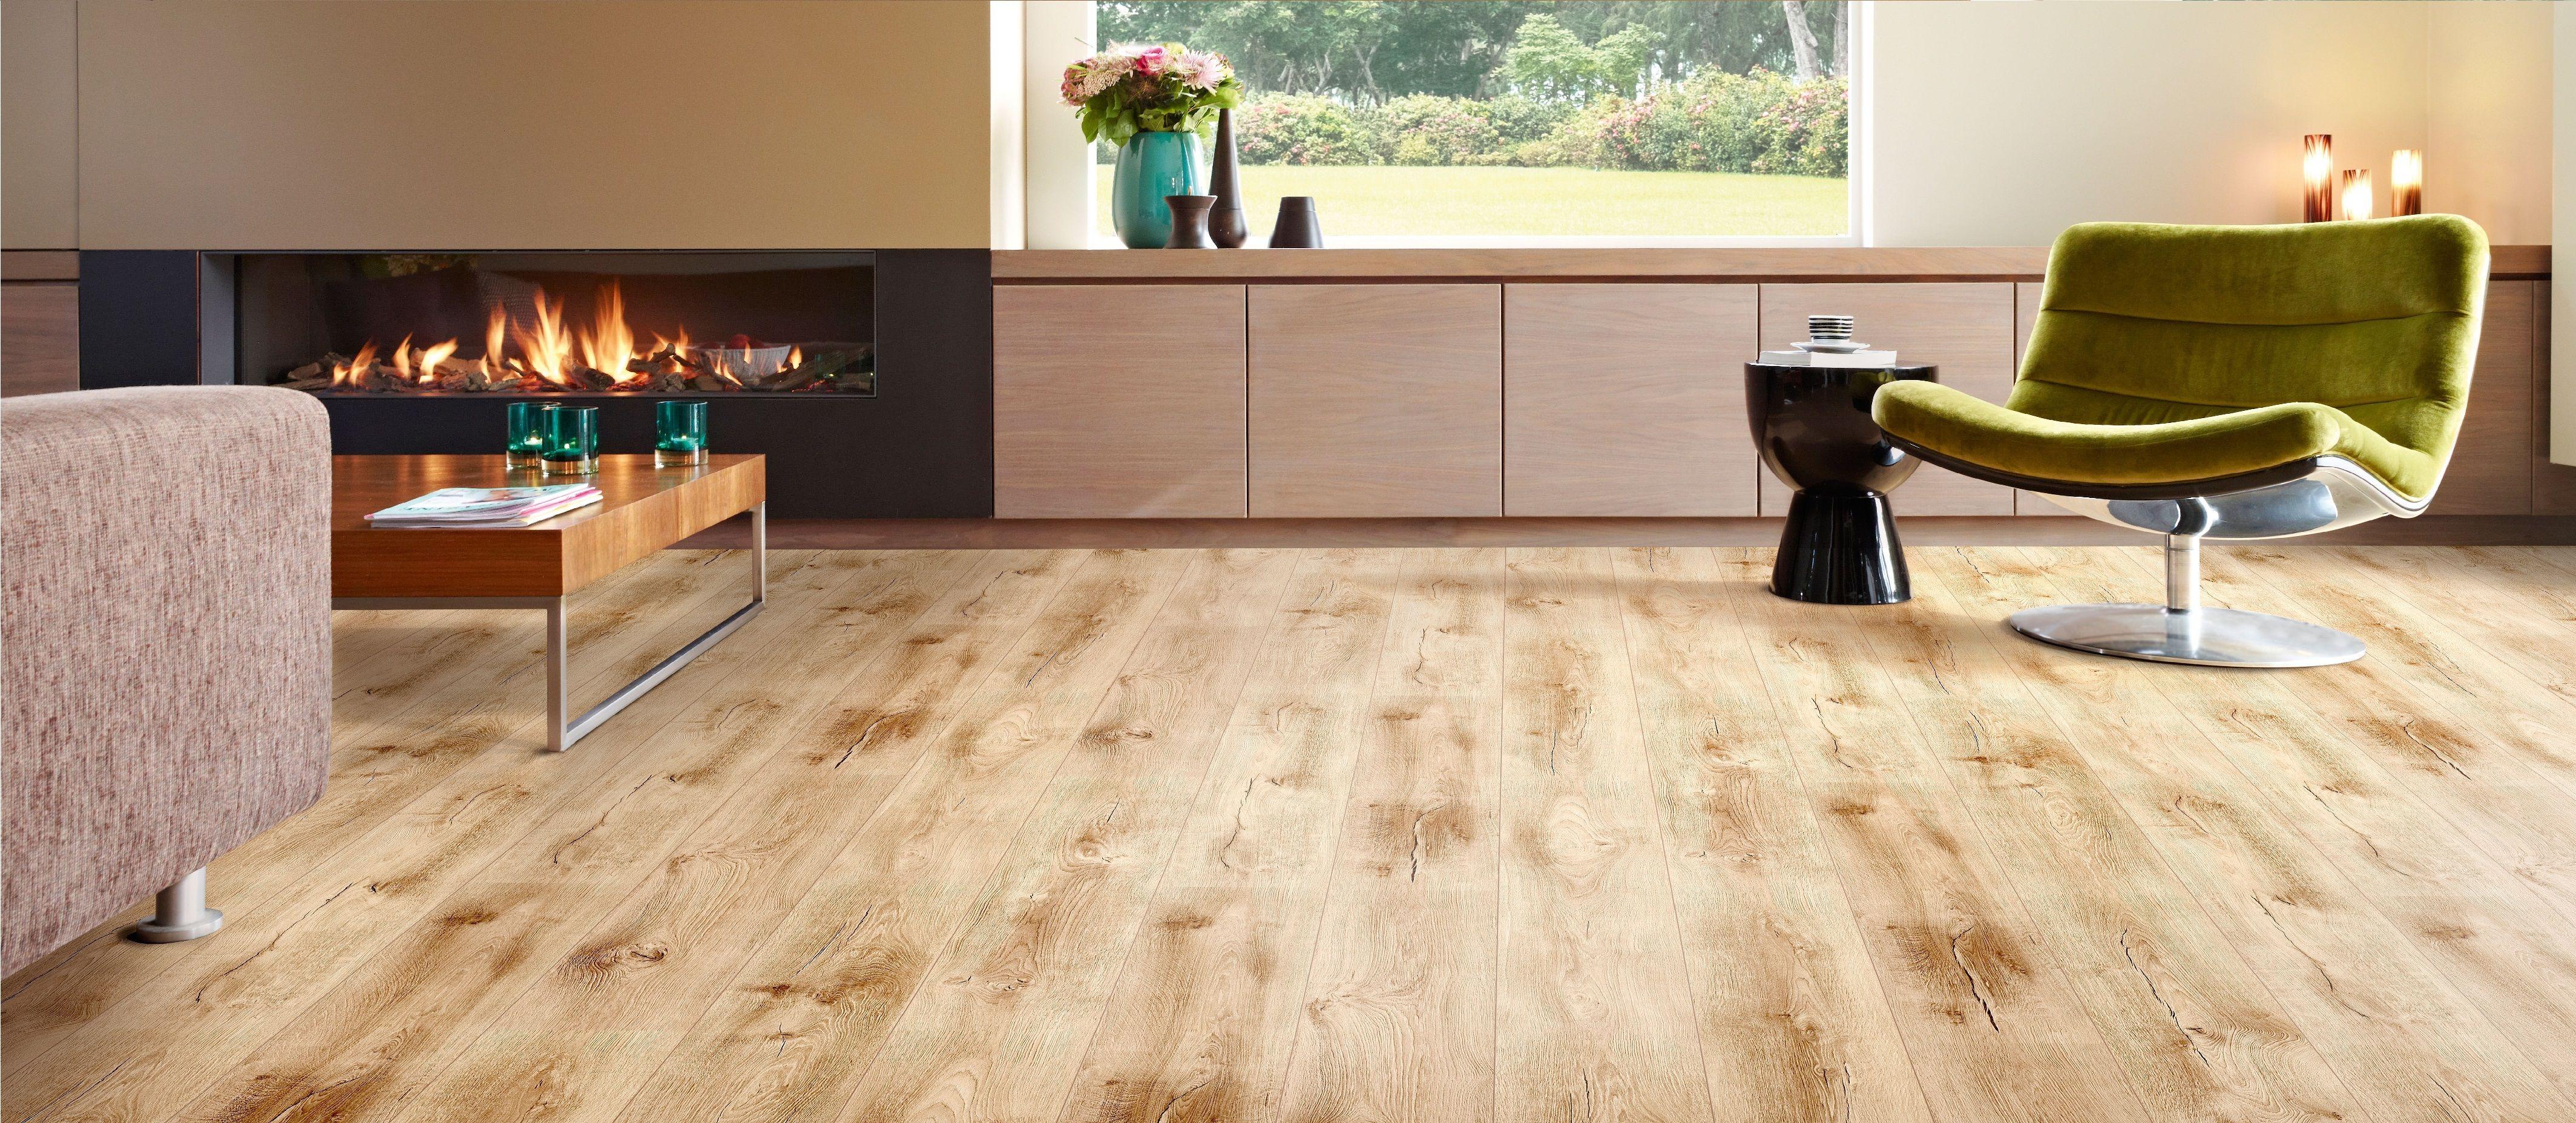 Laminate Wood Flooring Savanna Oak